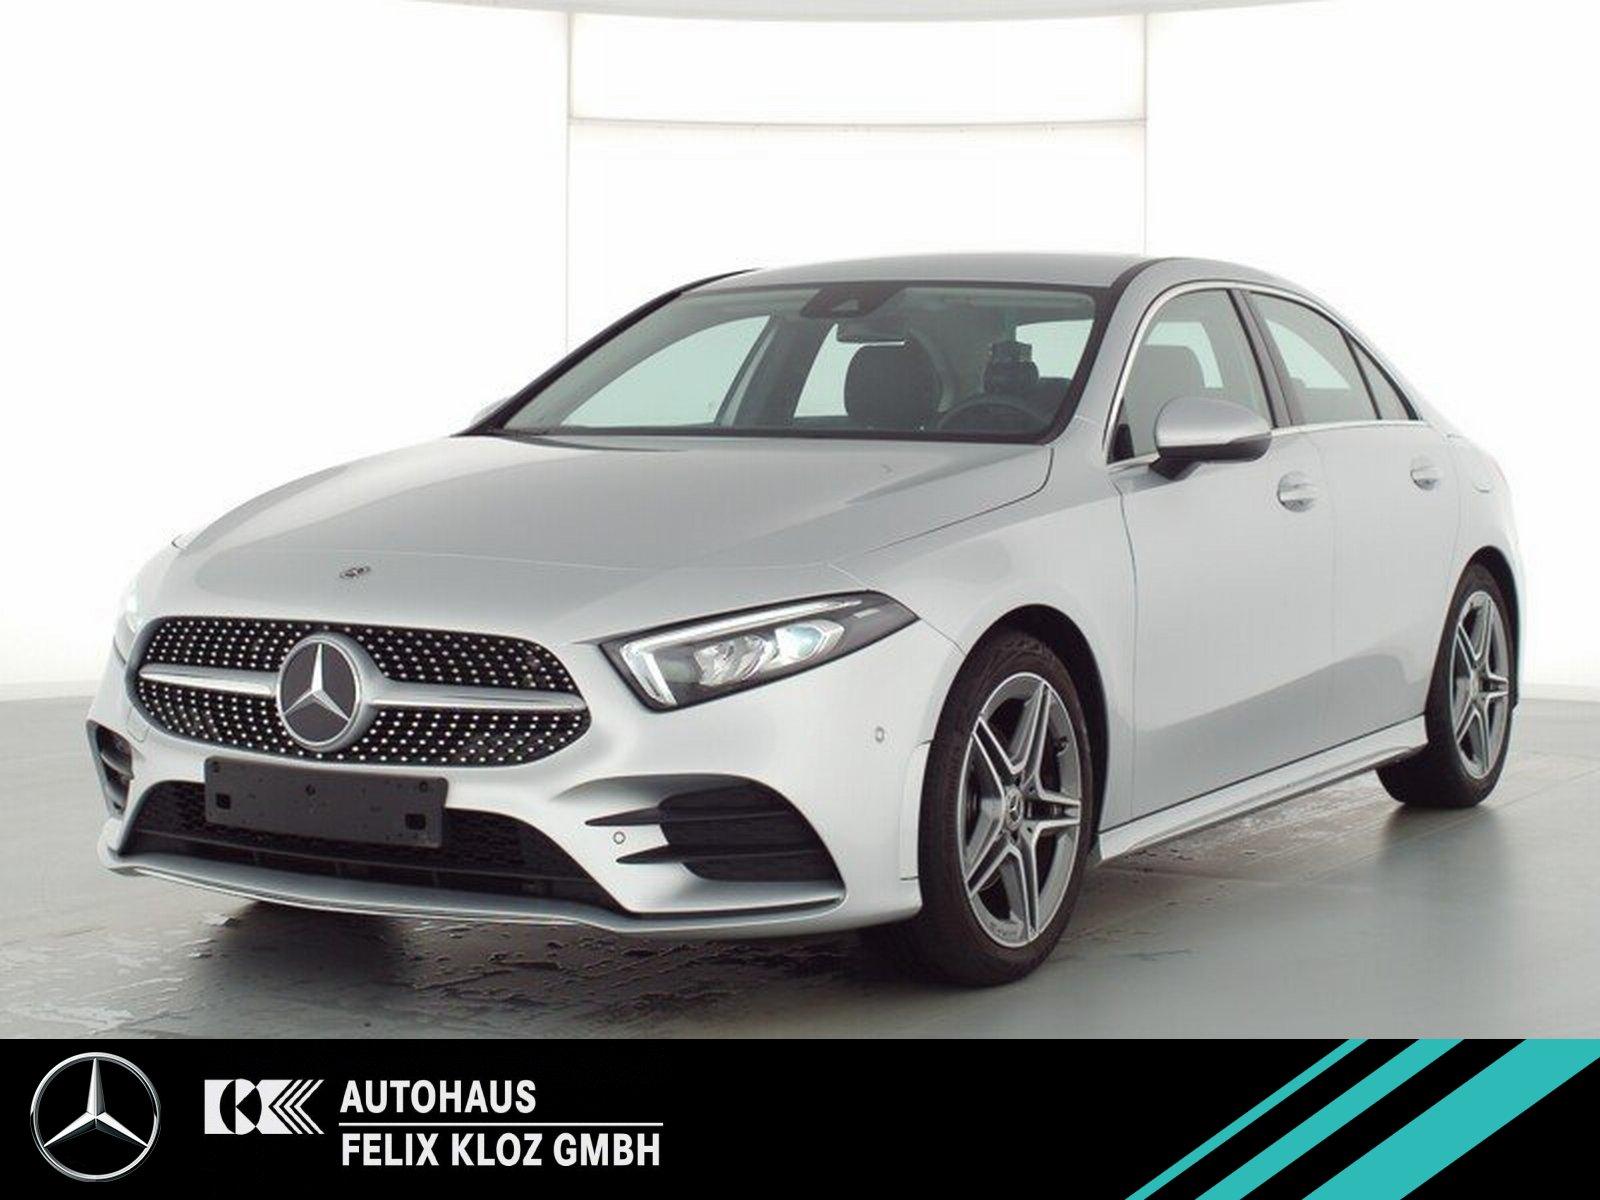 Mercedes-Benz A 200 Limousine AMG LED*Navi*Soundsystem*CarPlay, Jahr 2020, Benzin